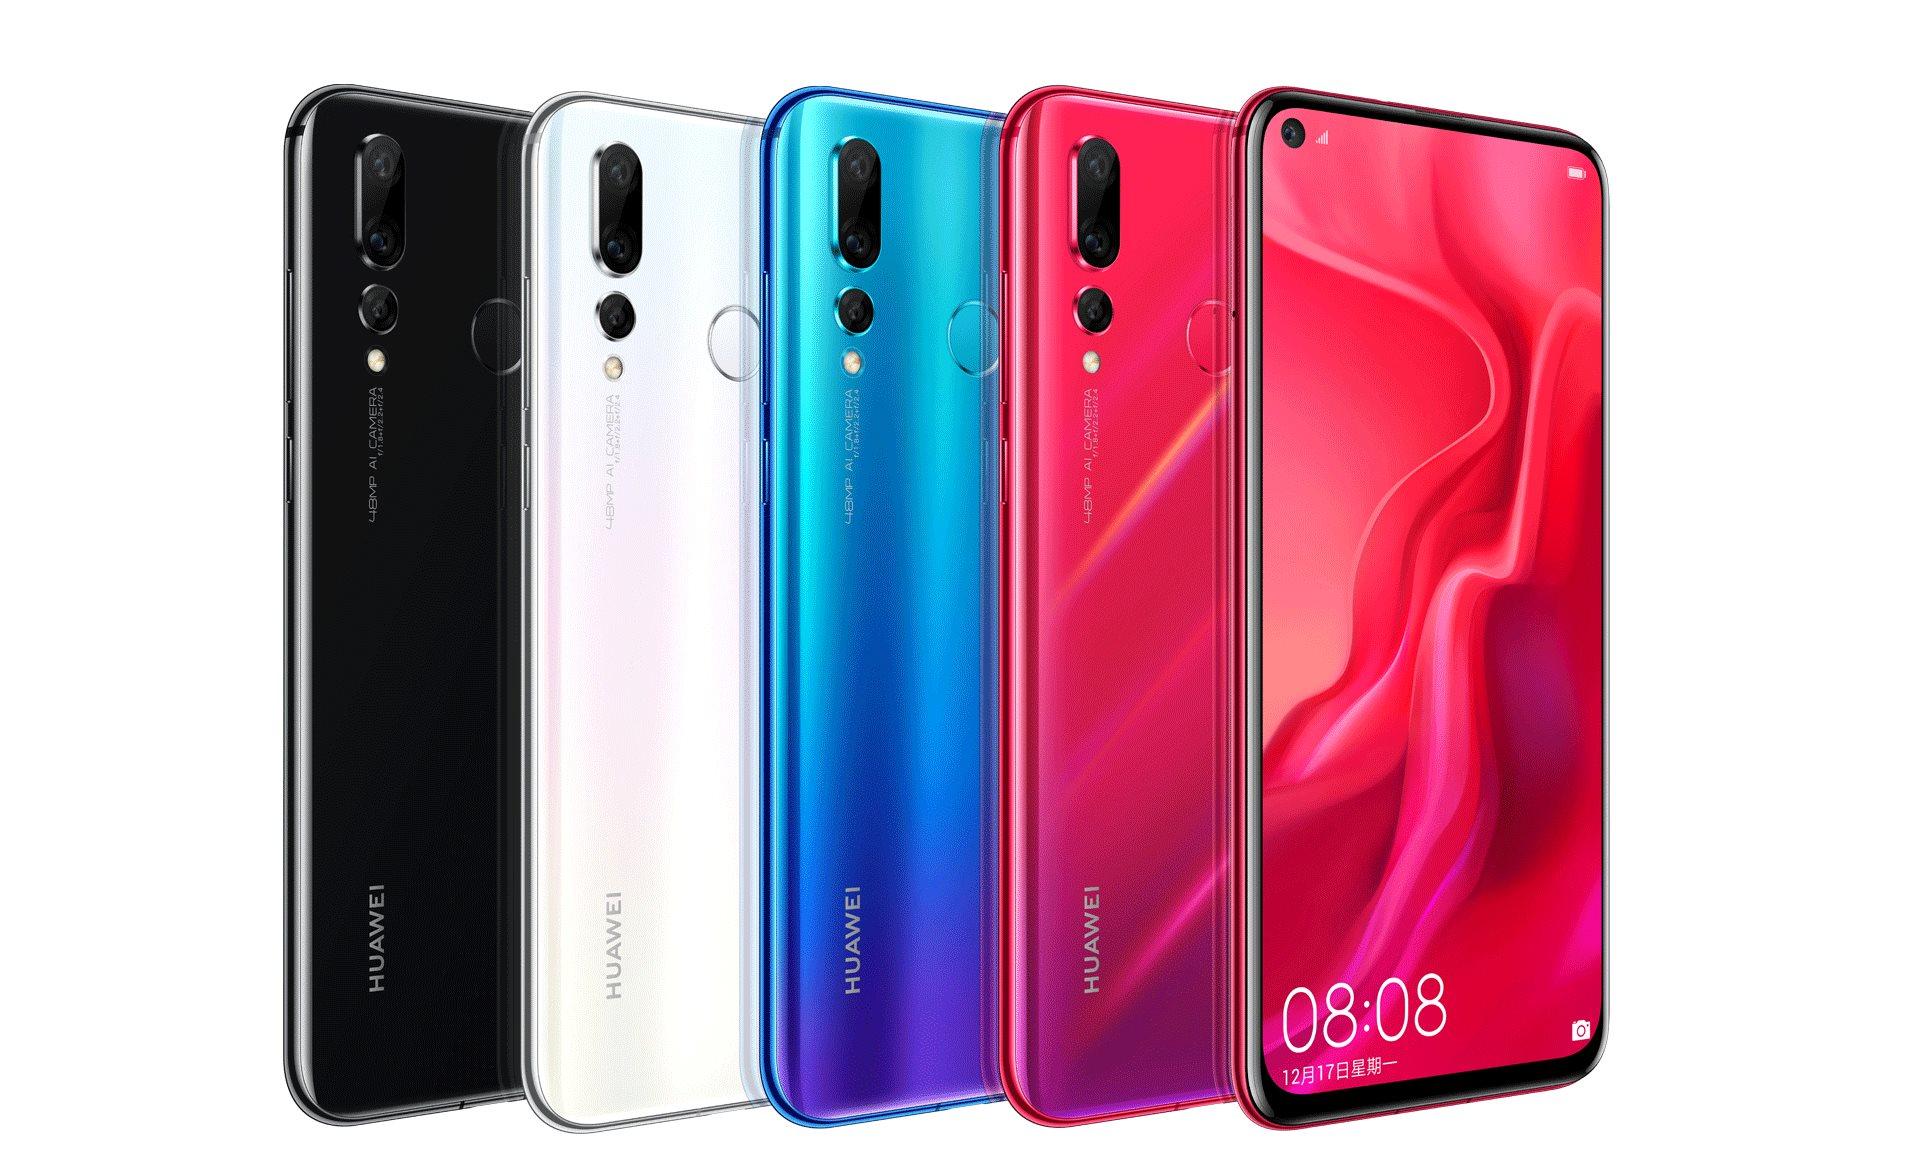 3 actualités qui ont marqué la semaine : Huawei Nova 4 officialisé, Freebox Delta S et Fornite pour les smartphones moins performants